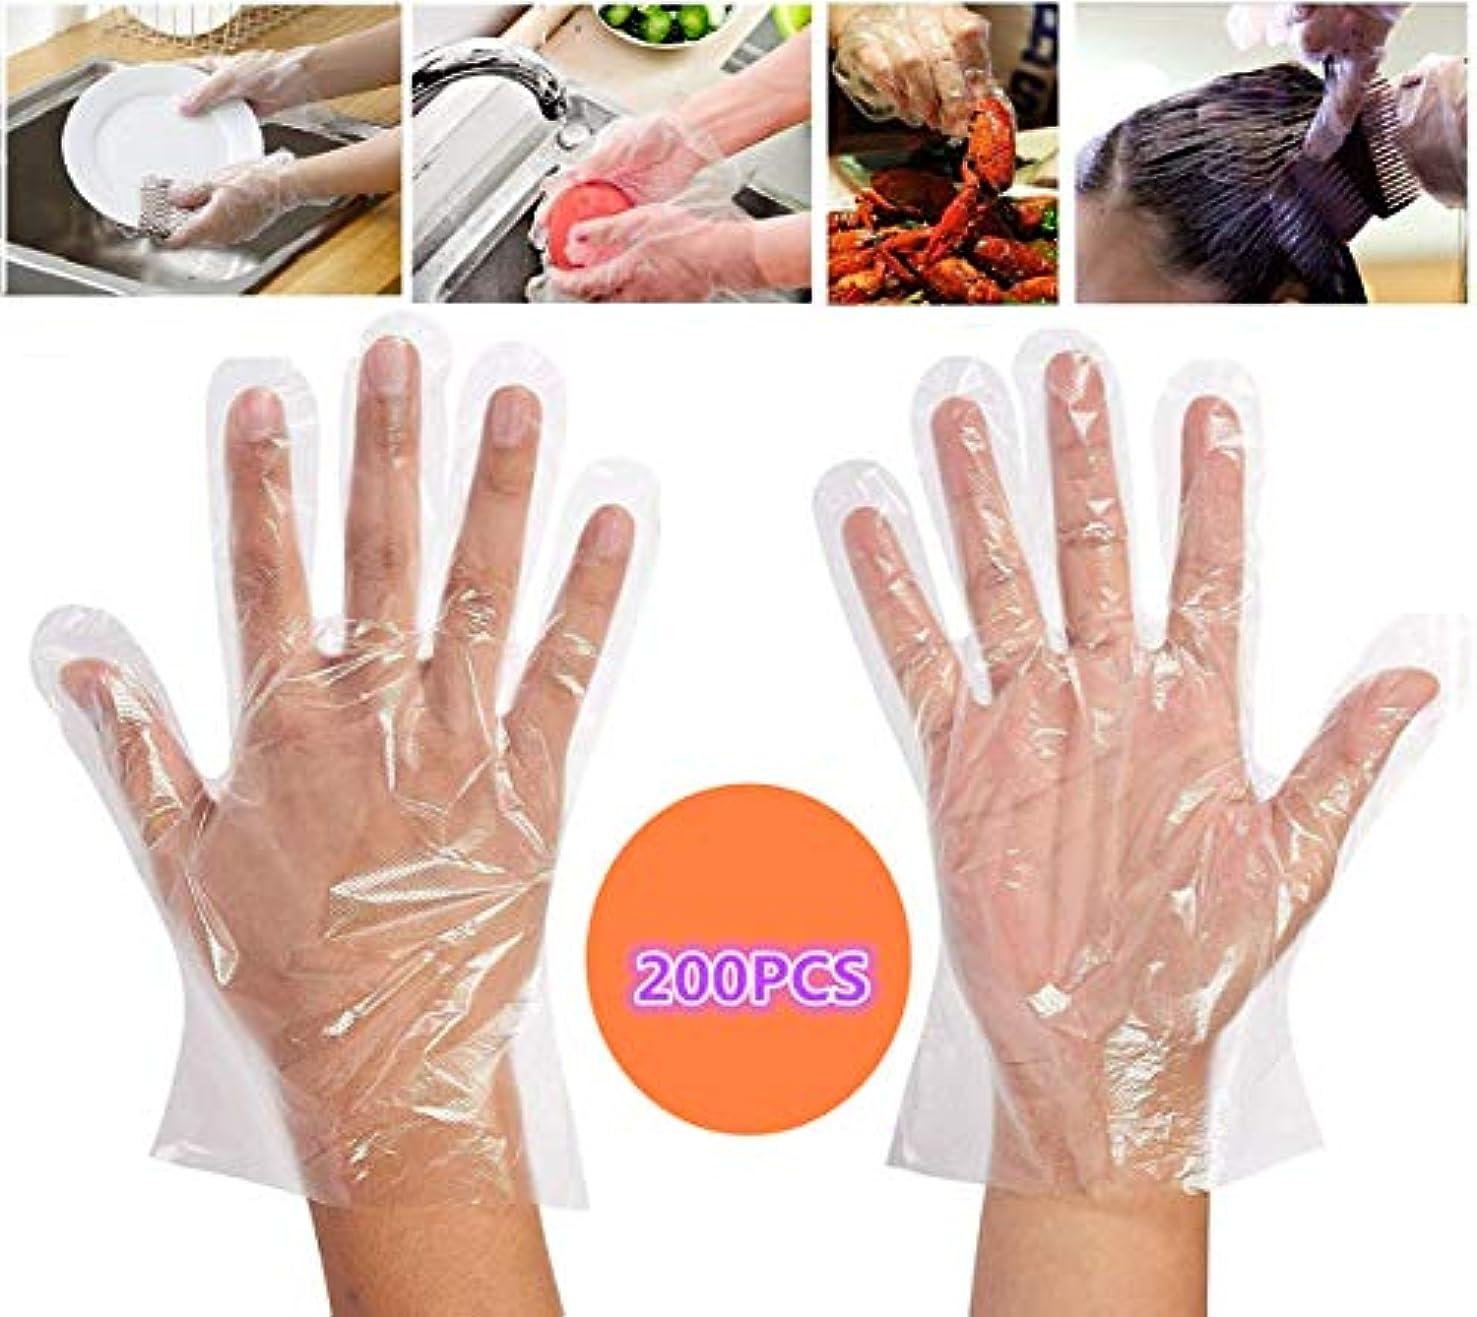 ロマンチック検出器外交Ant-Tree 使い捨て手袋プラスチック肥厚エステサロンケータリング家庭用防油透明実用健康200枚